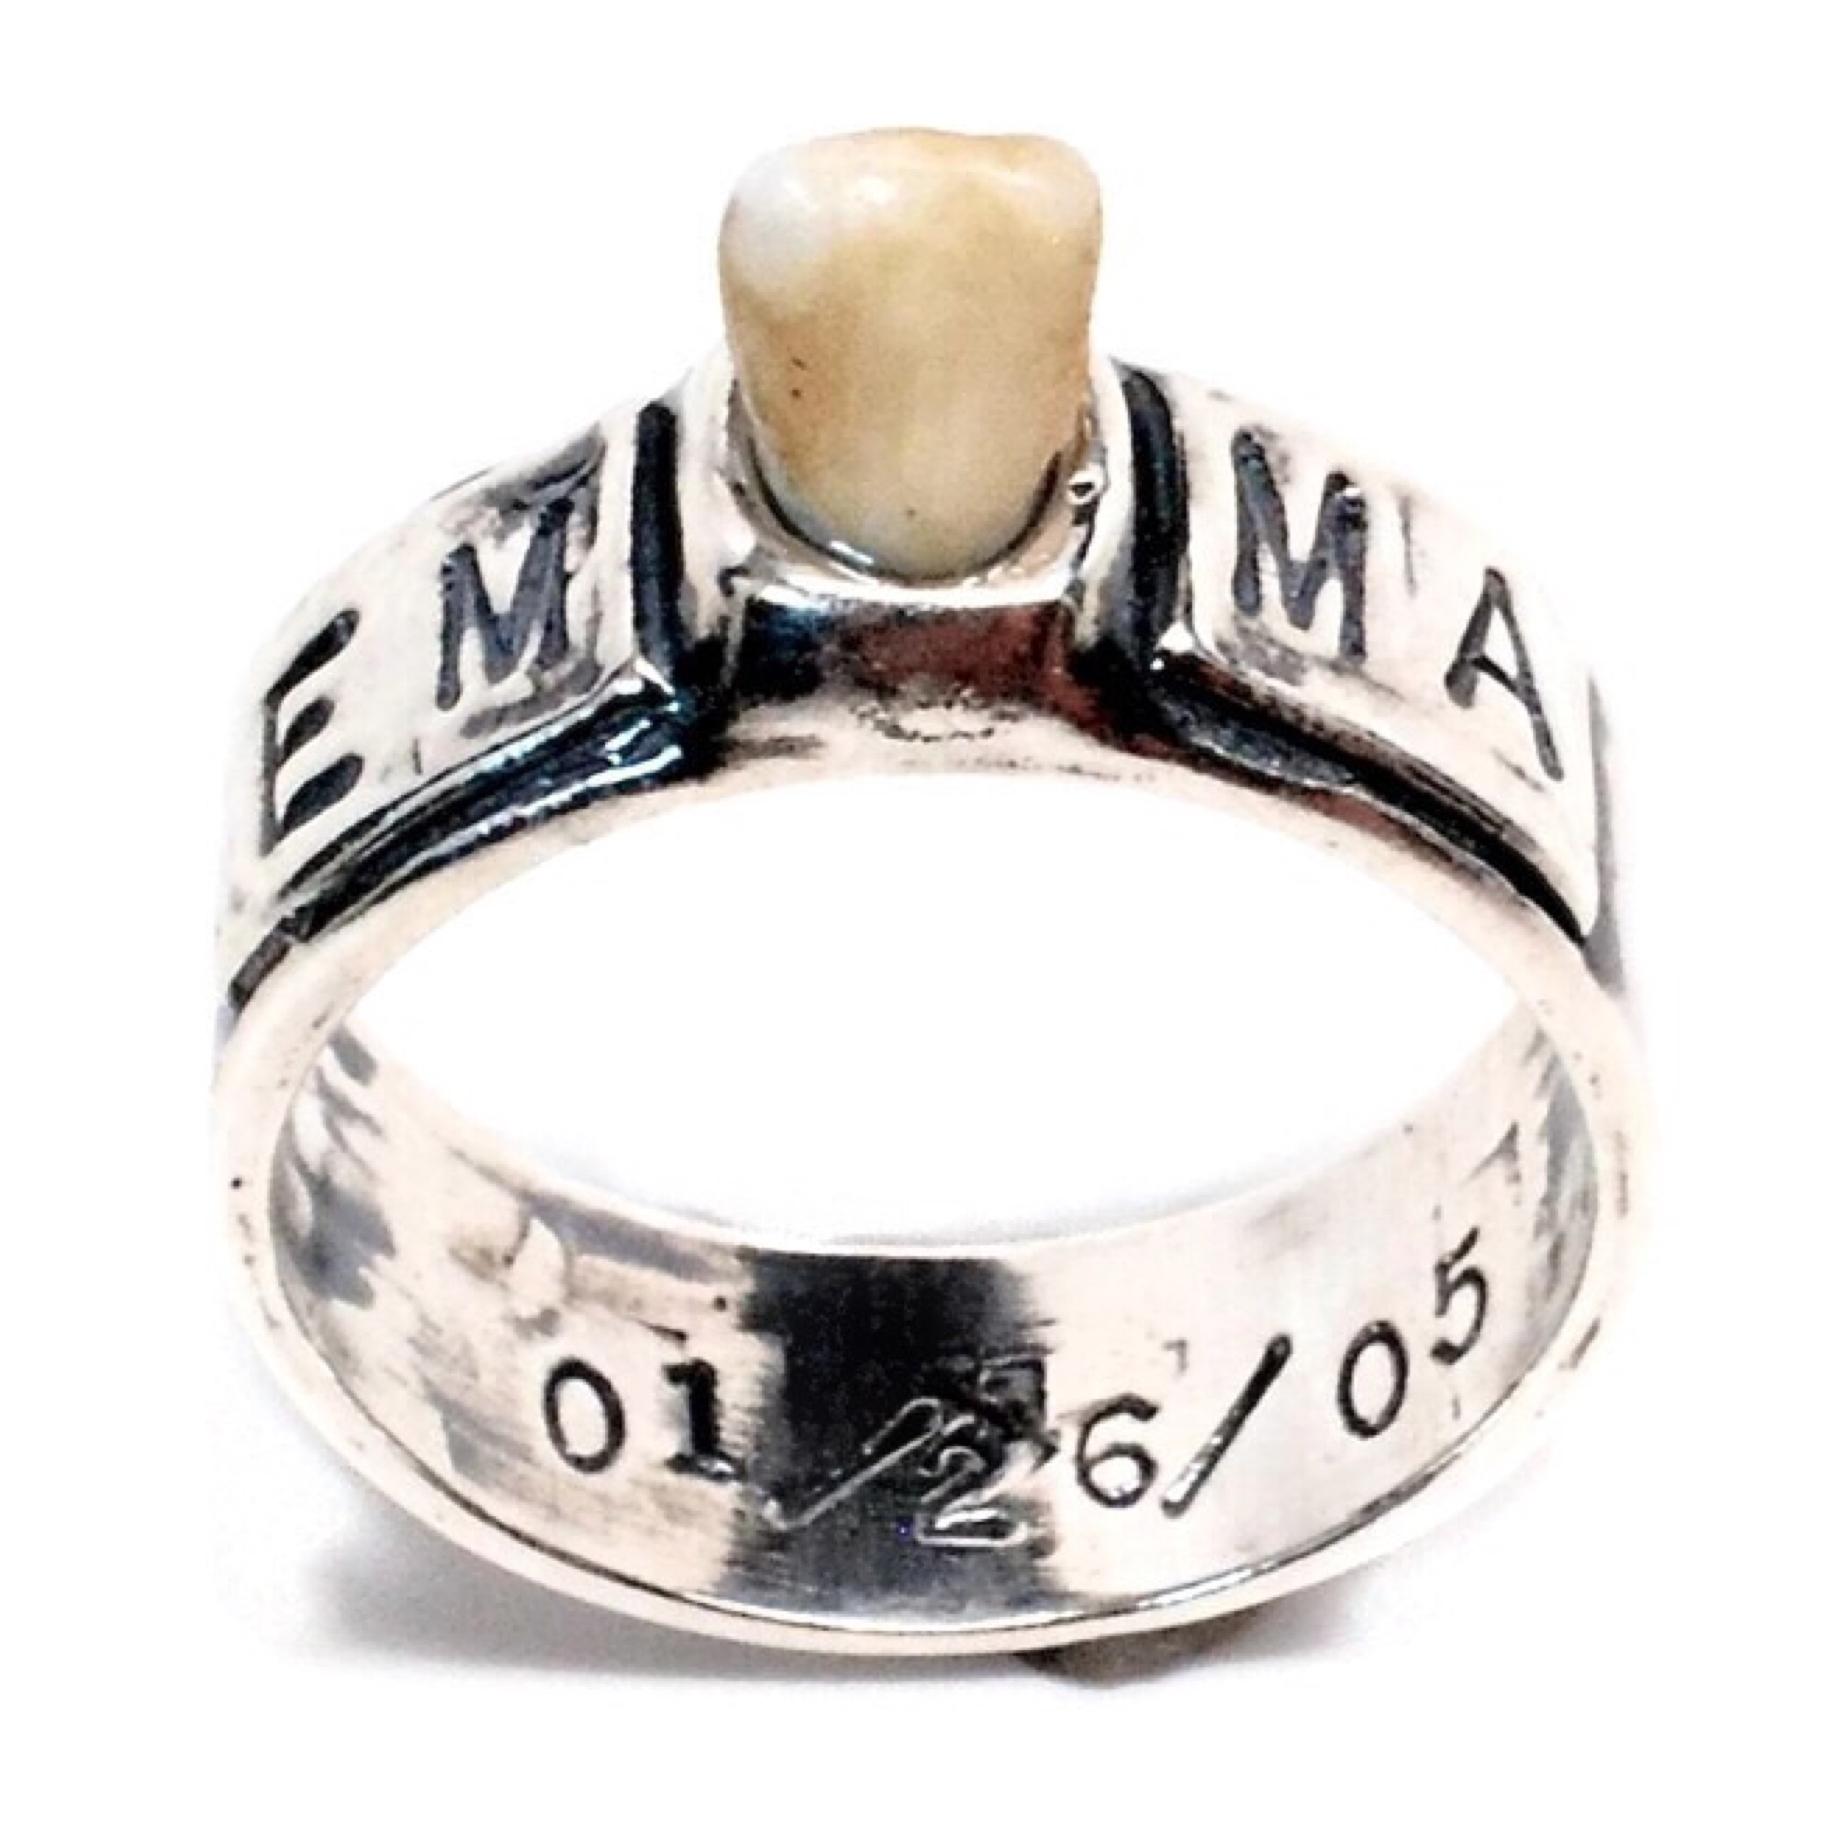 vals-tooth-ring-1.jpg2.JPG